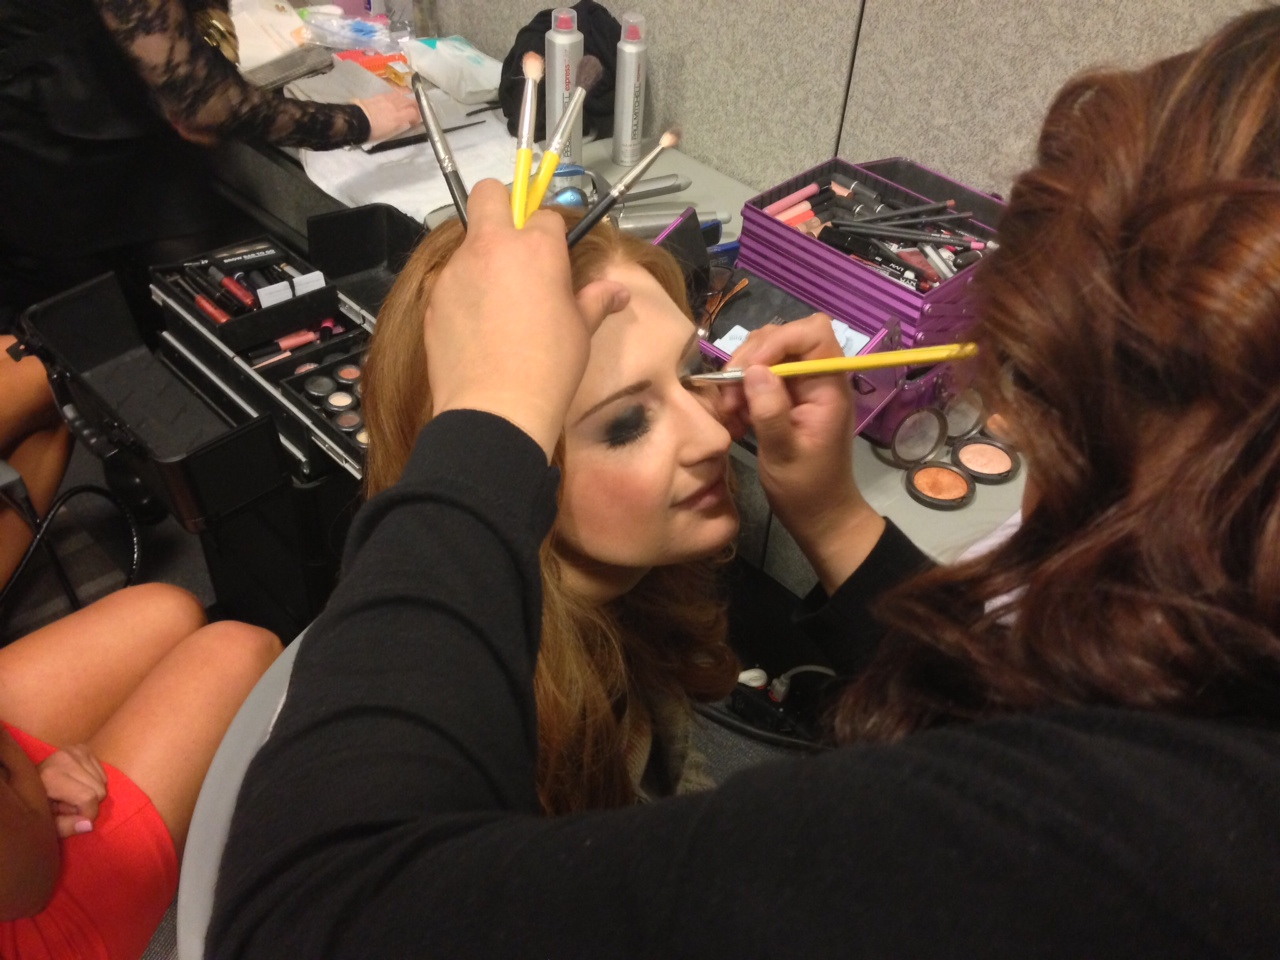 Makeup miss california